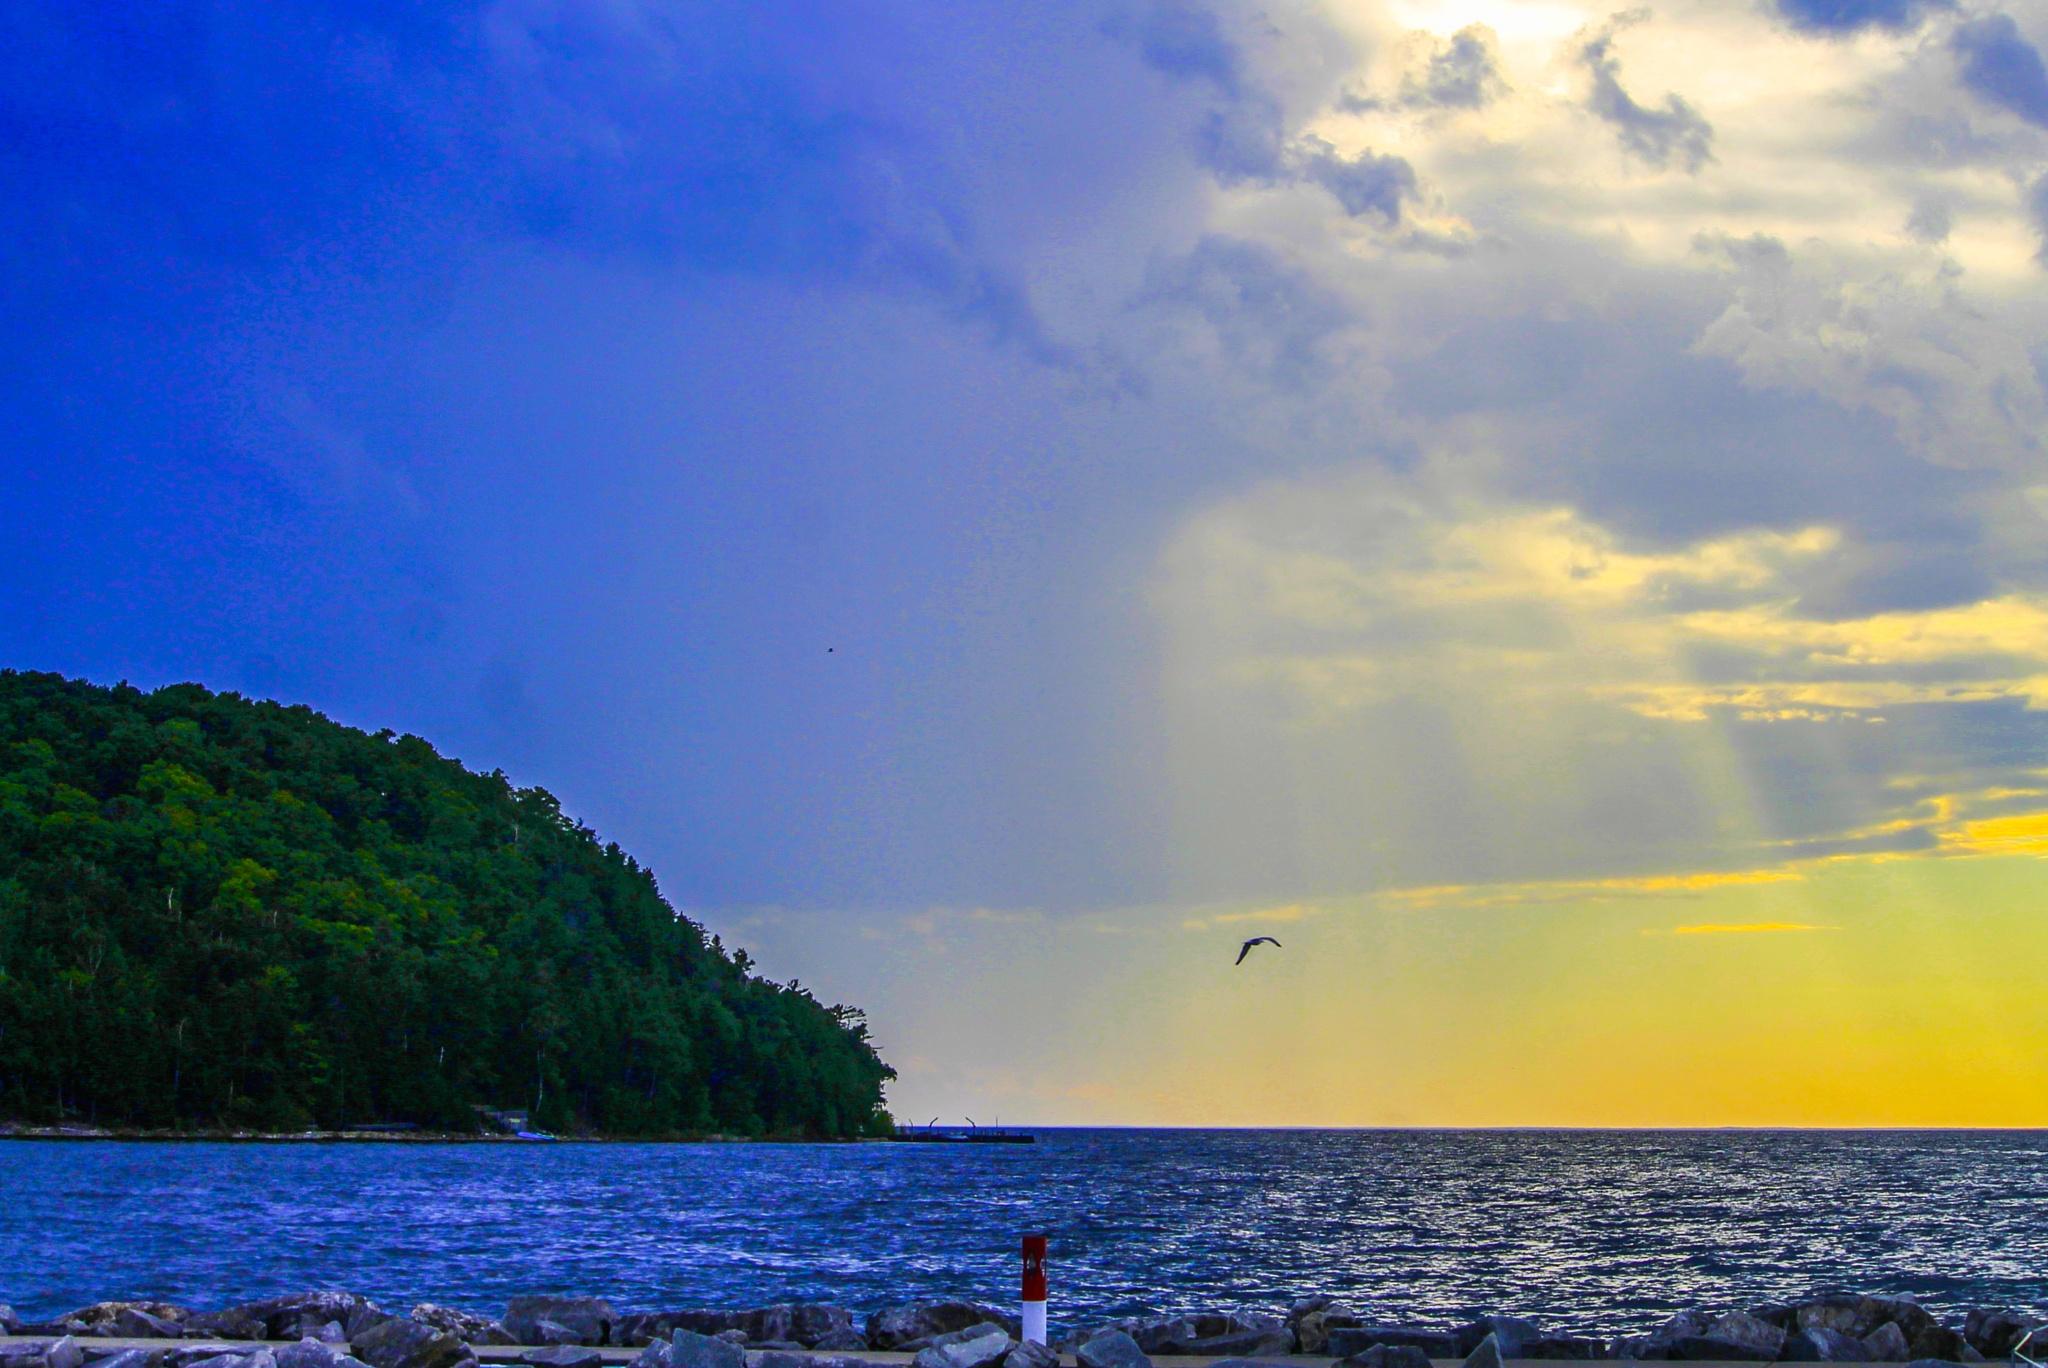 Sister Bay at dusk (hdr) by Mark Hootman